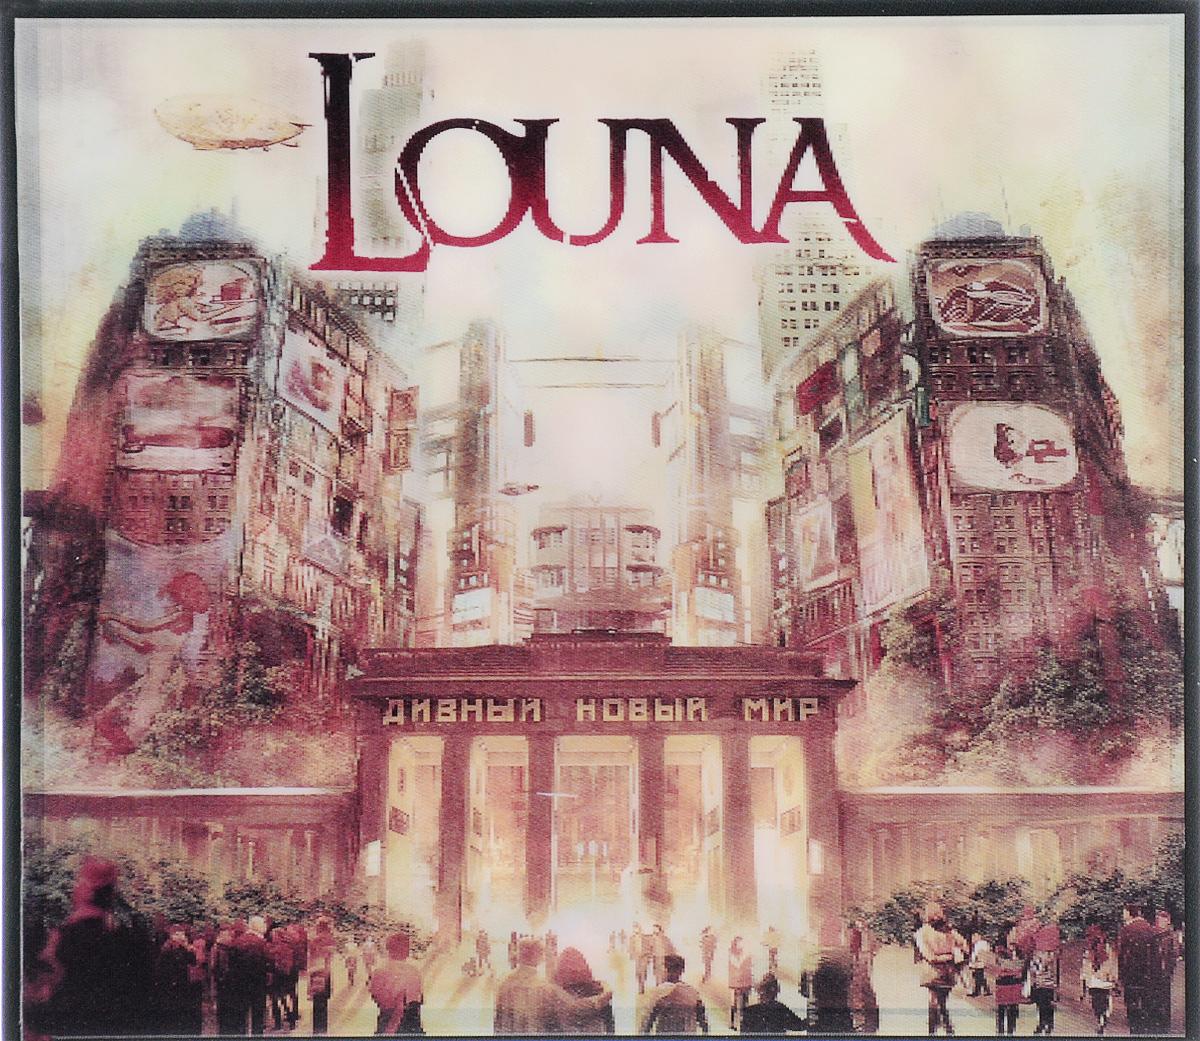 Louna Louna. Дивный новый мир хаксли о о дивный новый мир слепец в газе